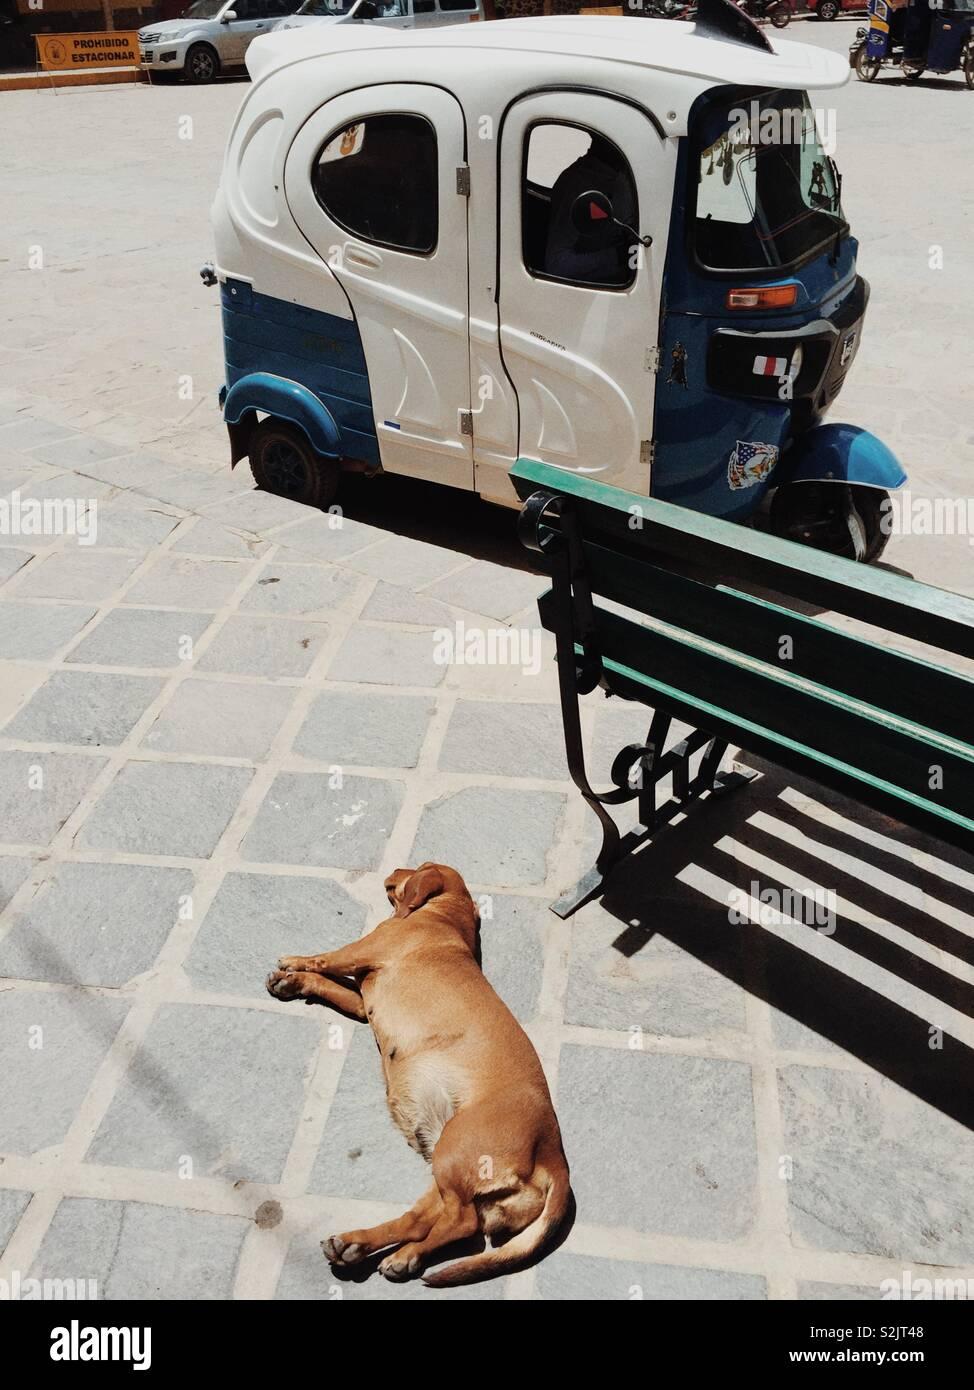 Tarde perezosa en una calle en Ollantaytambo, Perú Imagen De Stock